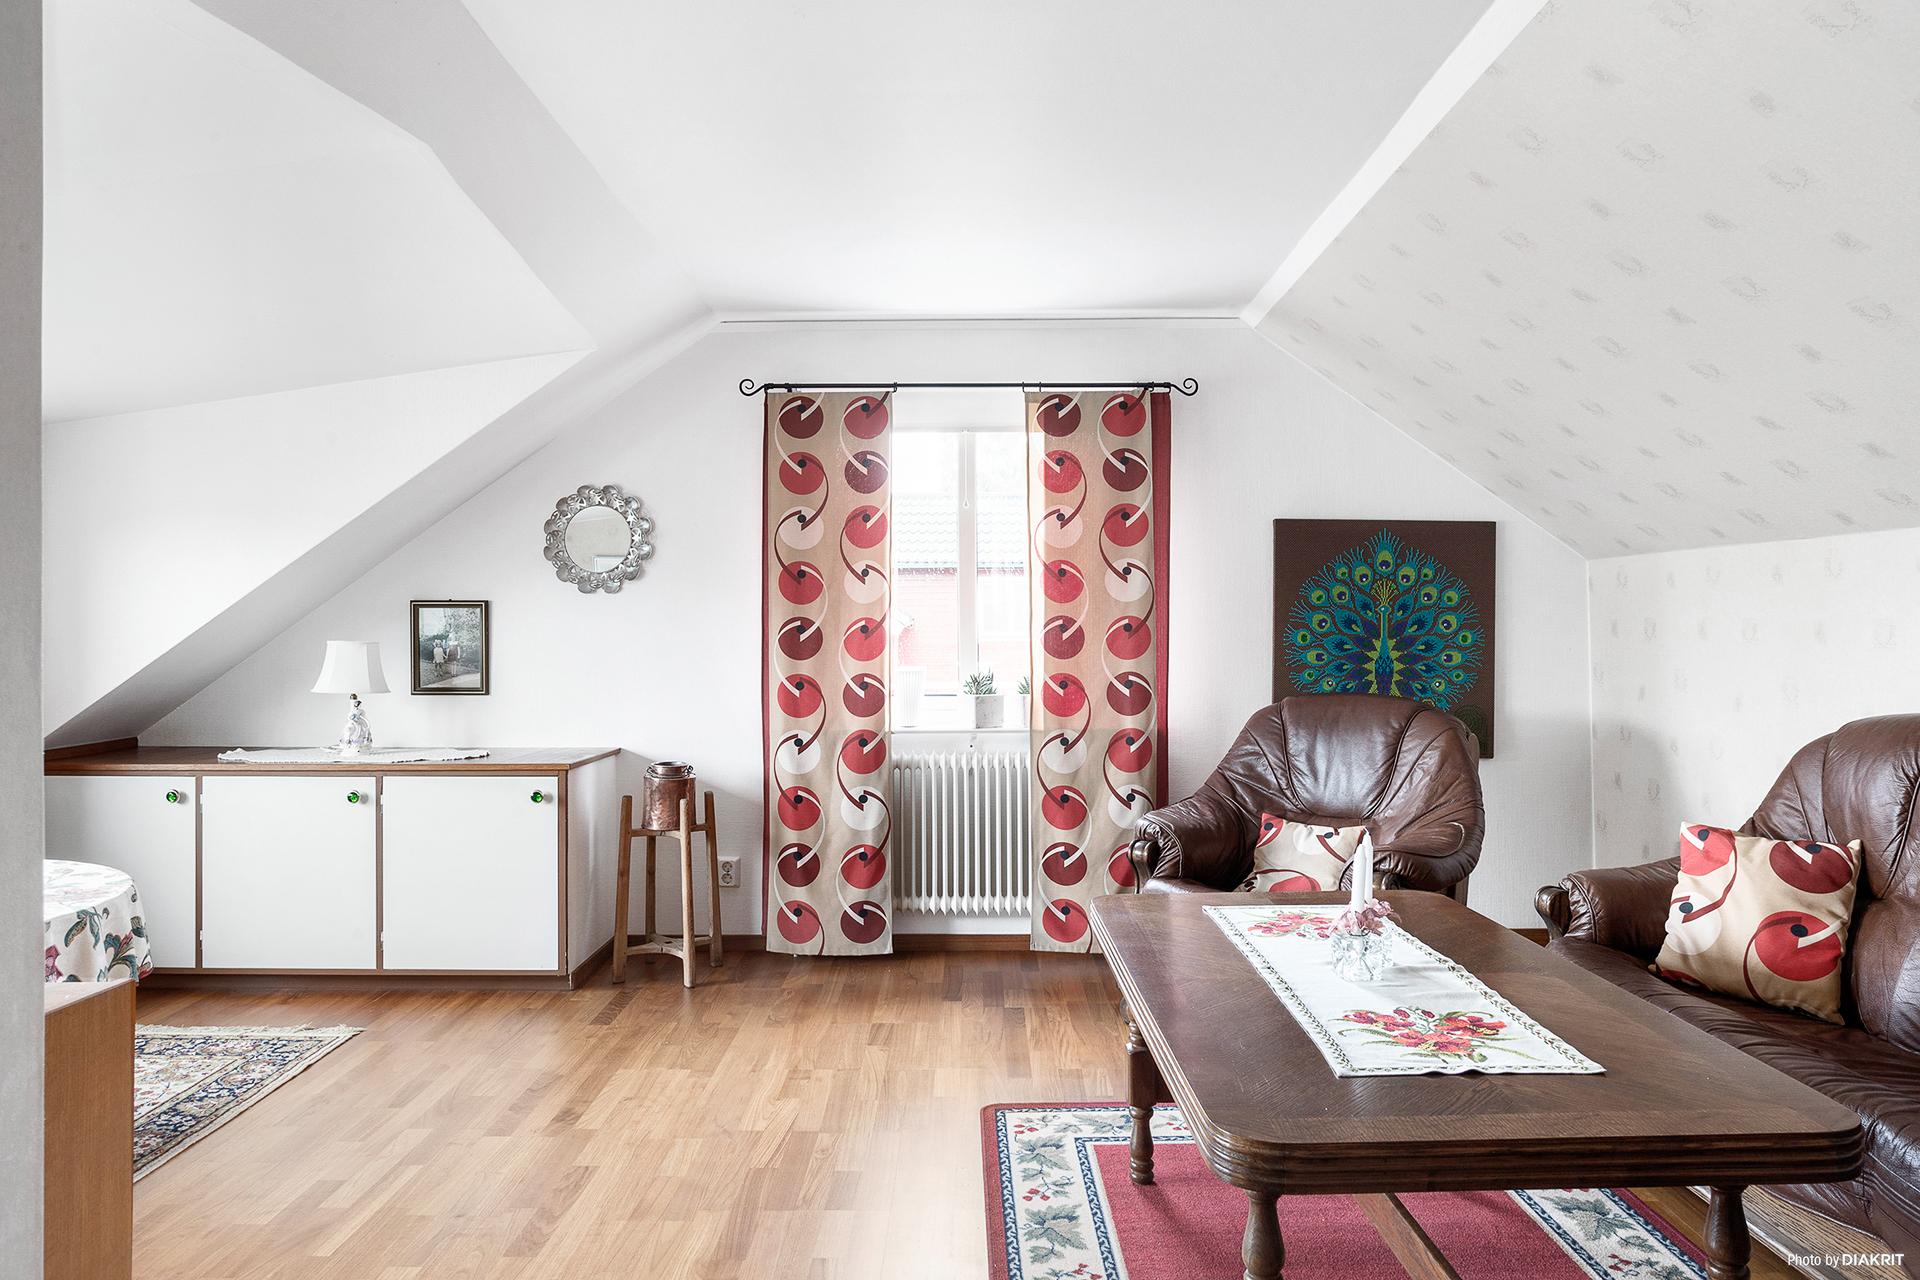 Sovrummet på med takkupa på det övreplanet